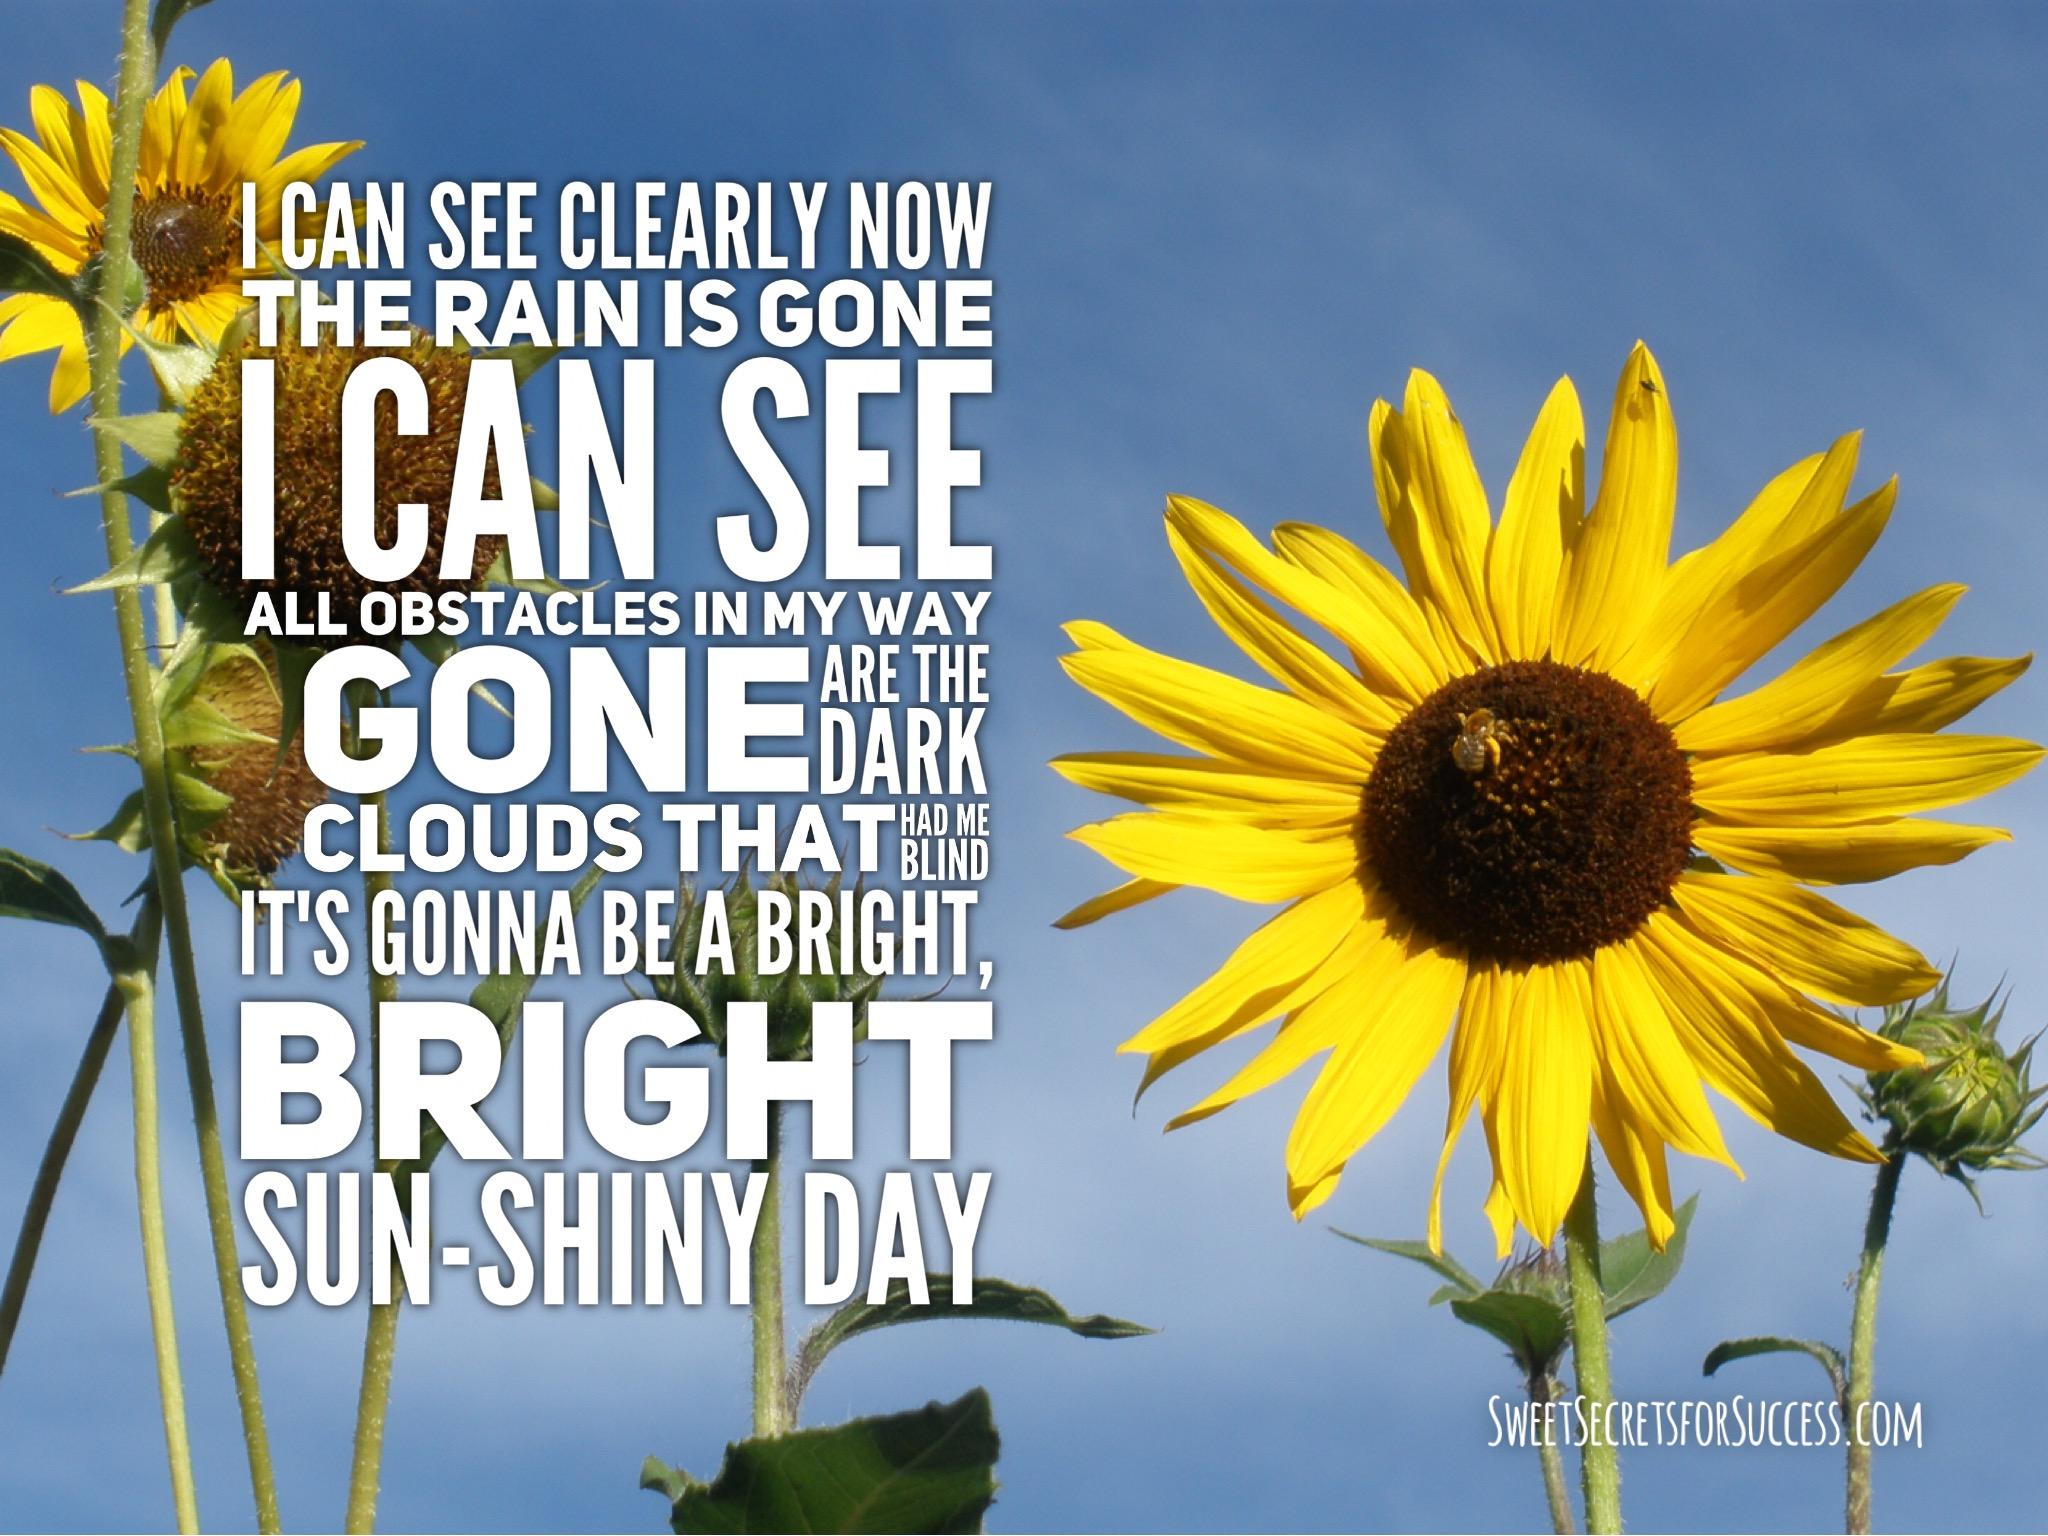 A bright shiny day